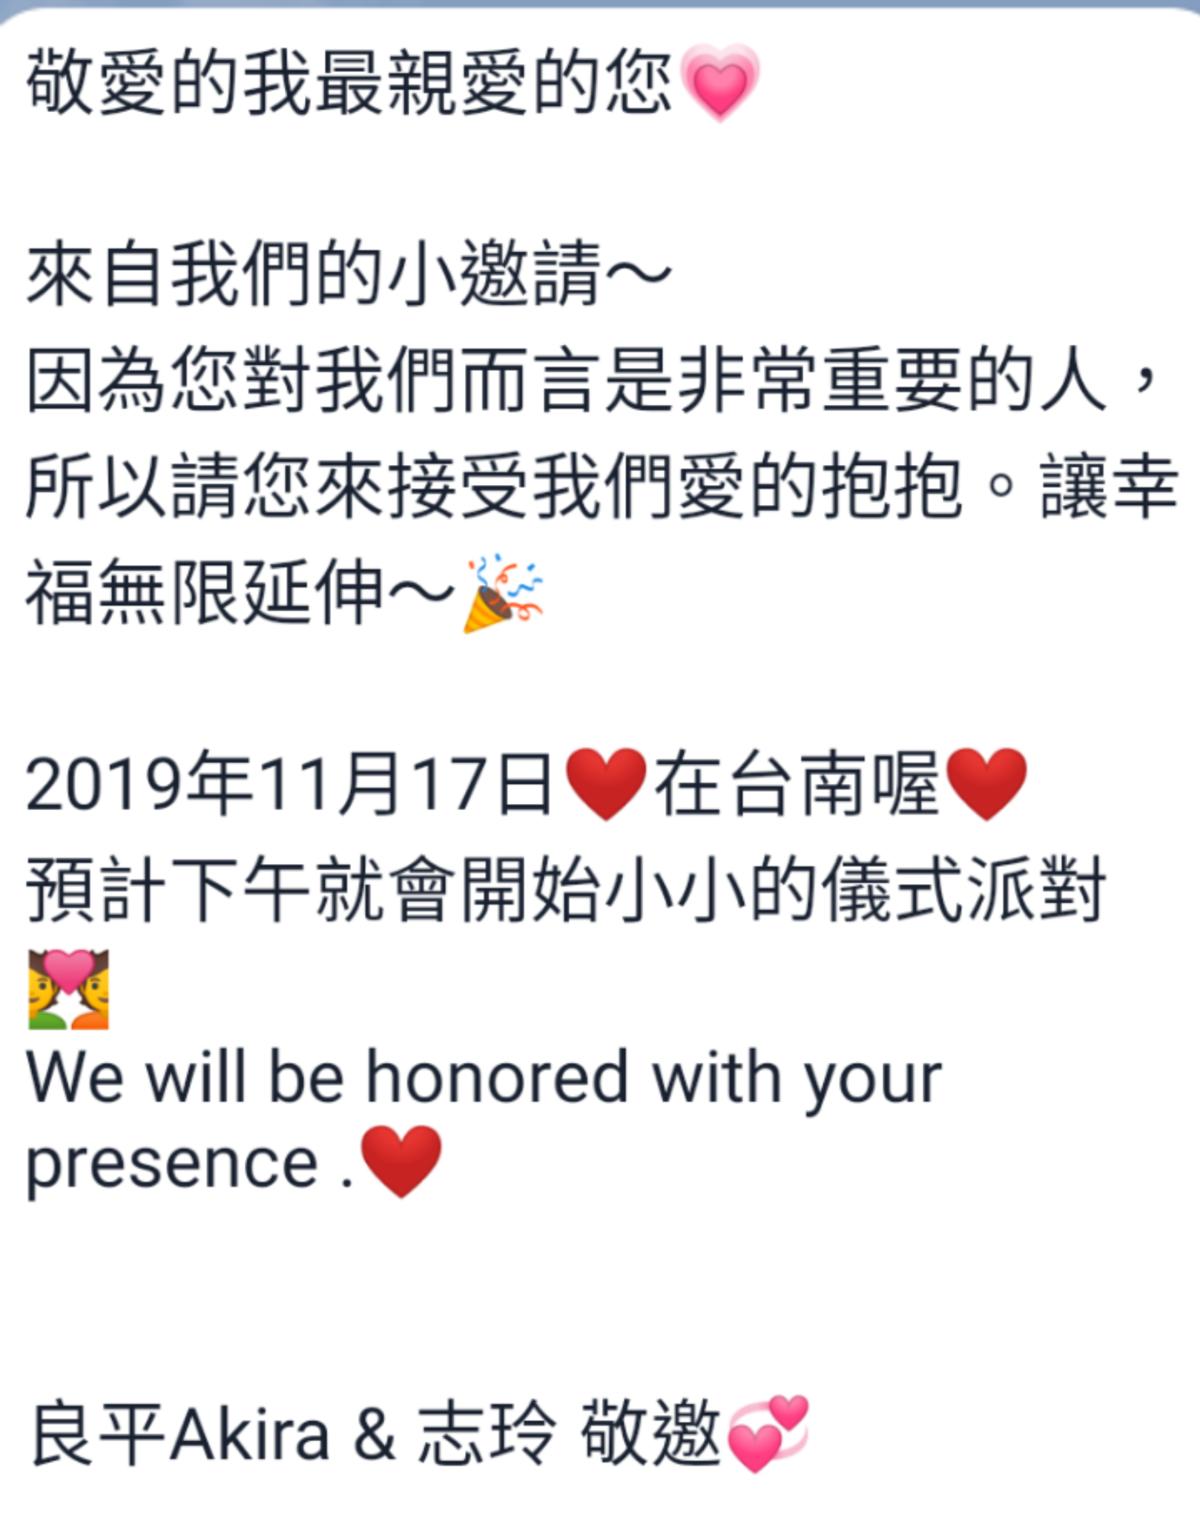 林志玲婚礼仅邀请少数亲友参加。(读者提供)